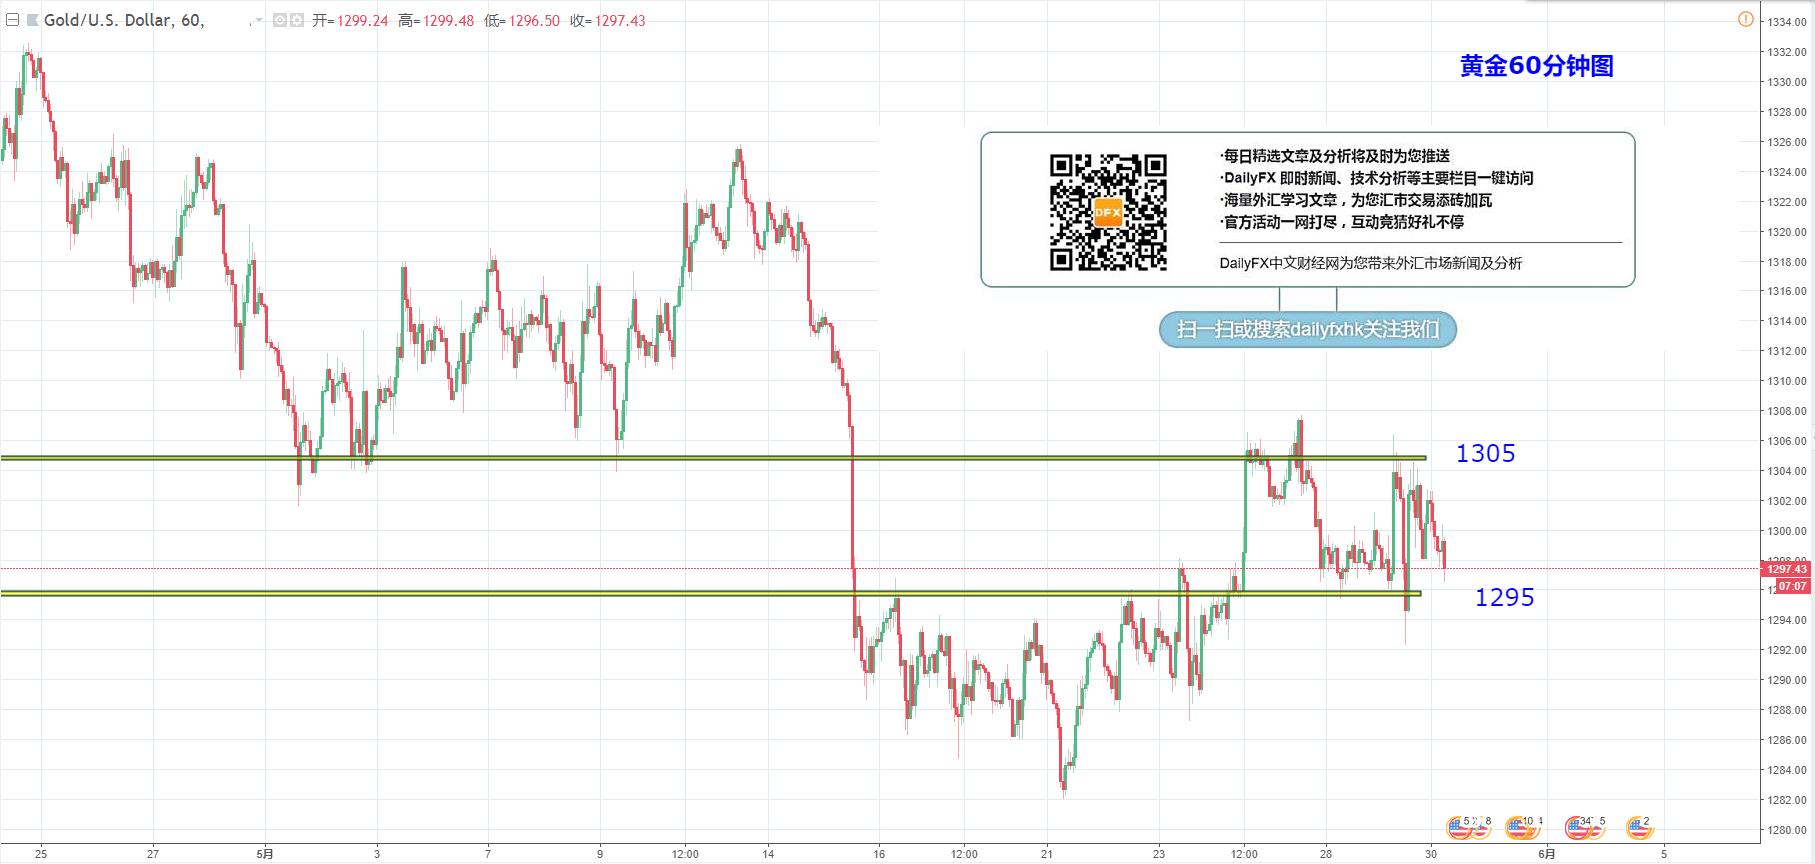 黄金/美元:关注1295-1305区间的突破